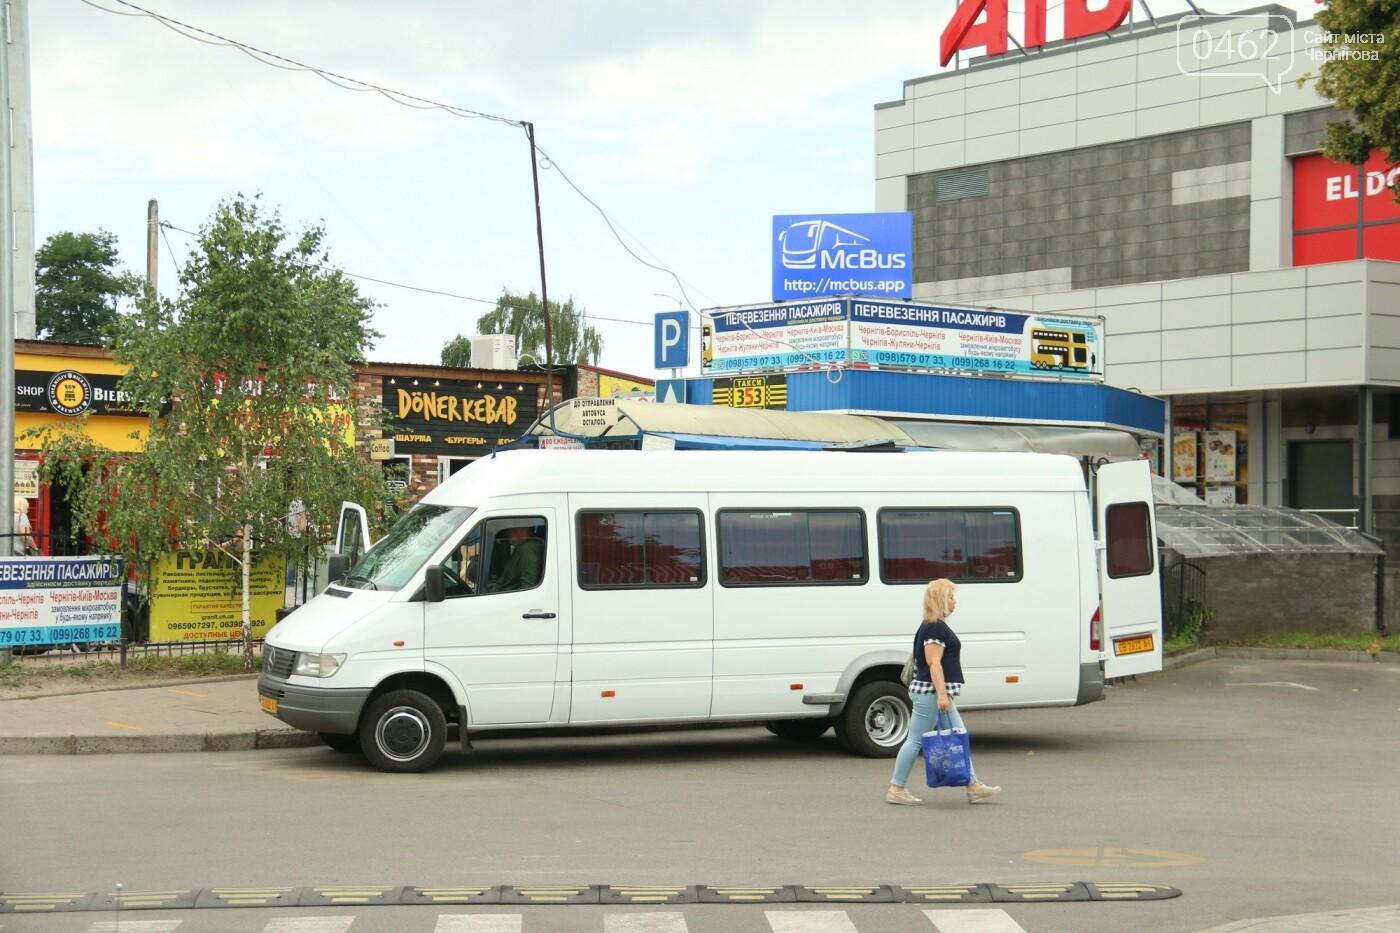 Боротьба за пасажира триває: маршрутки на Київ знизили ціну за проїзд, але не всі, фото-2